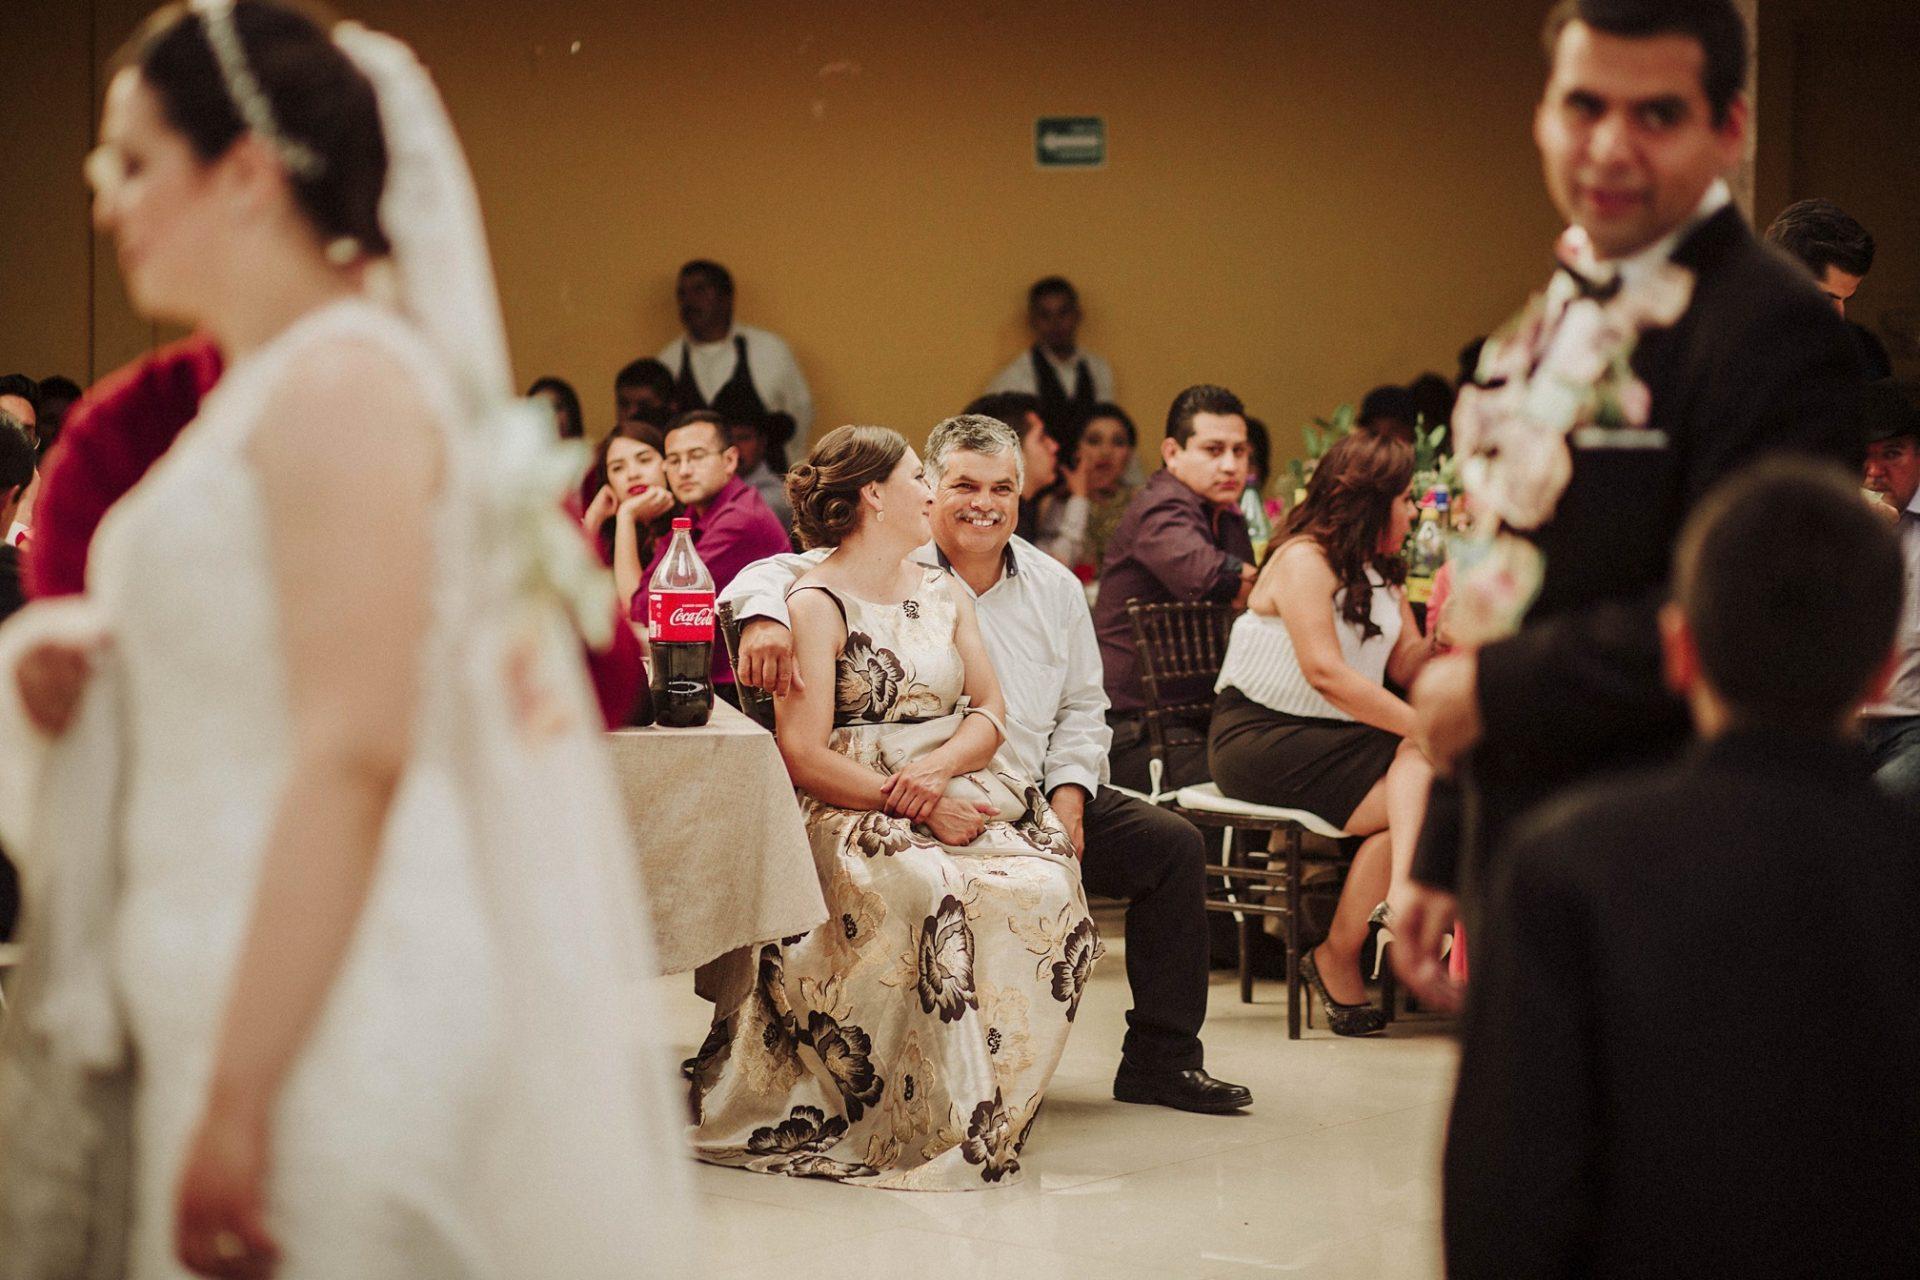 fotografo_profesional_bodas_xv_zacatecas-28